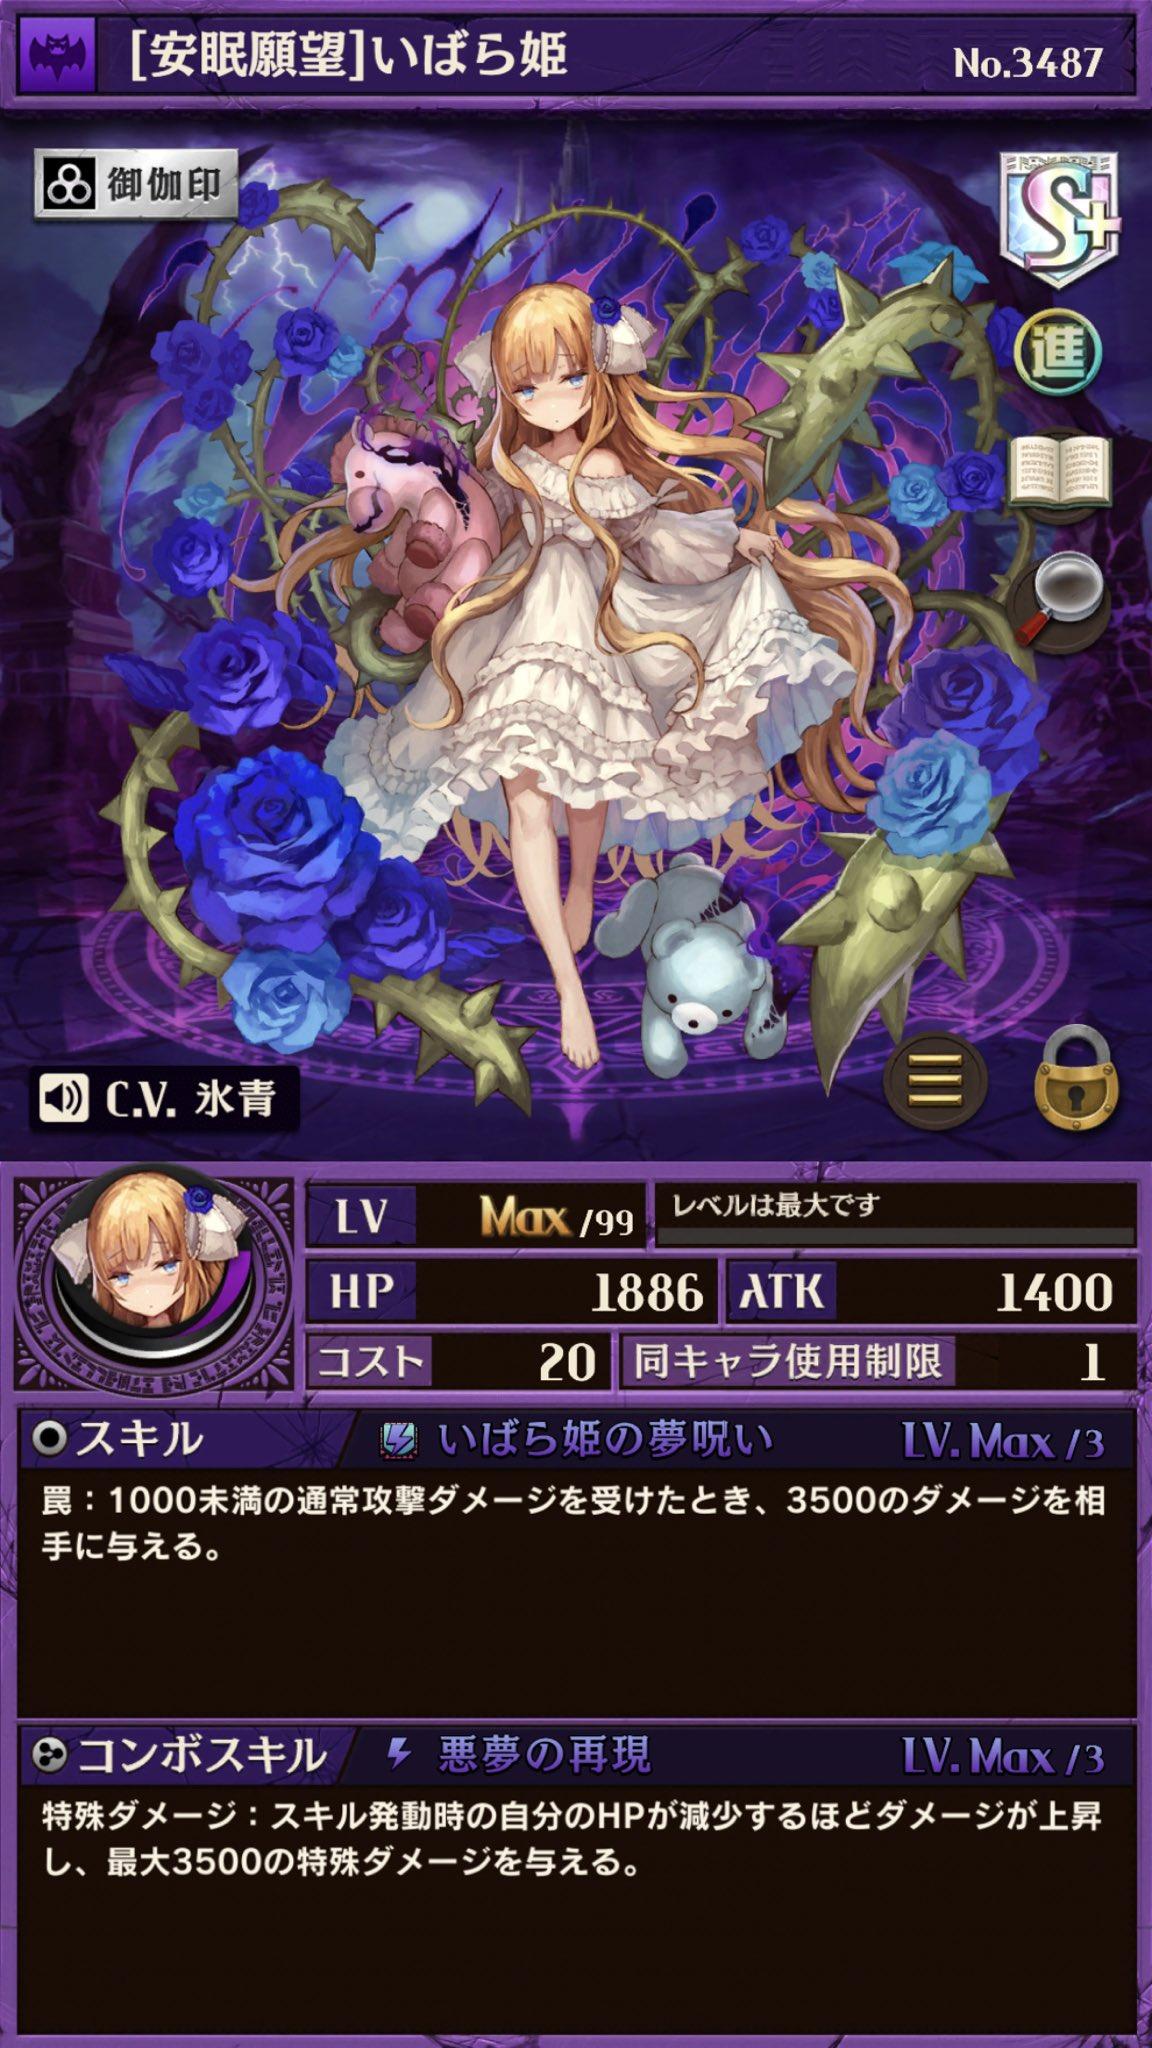 いばら姫 オセロニア